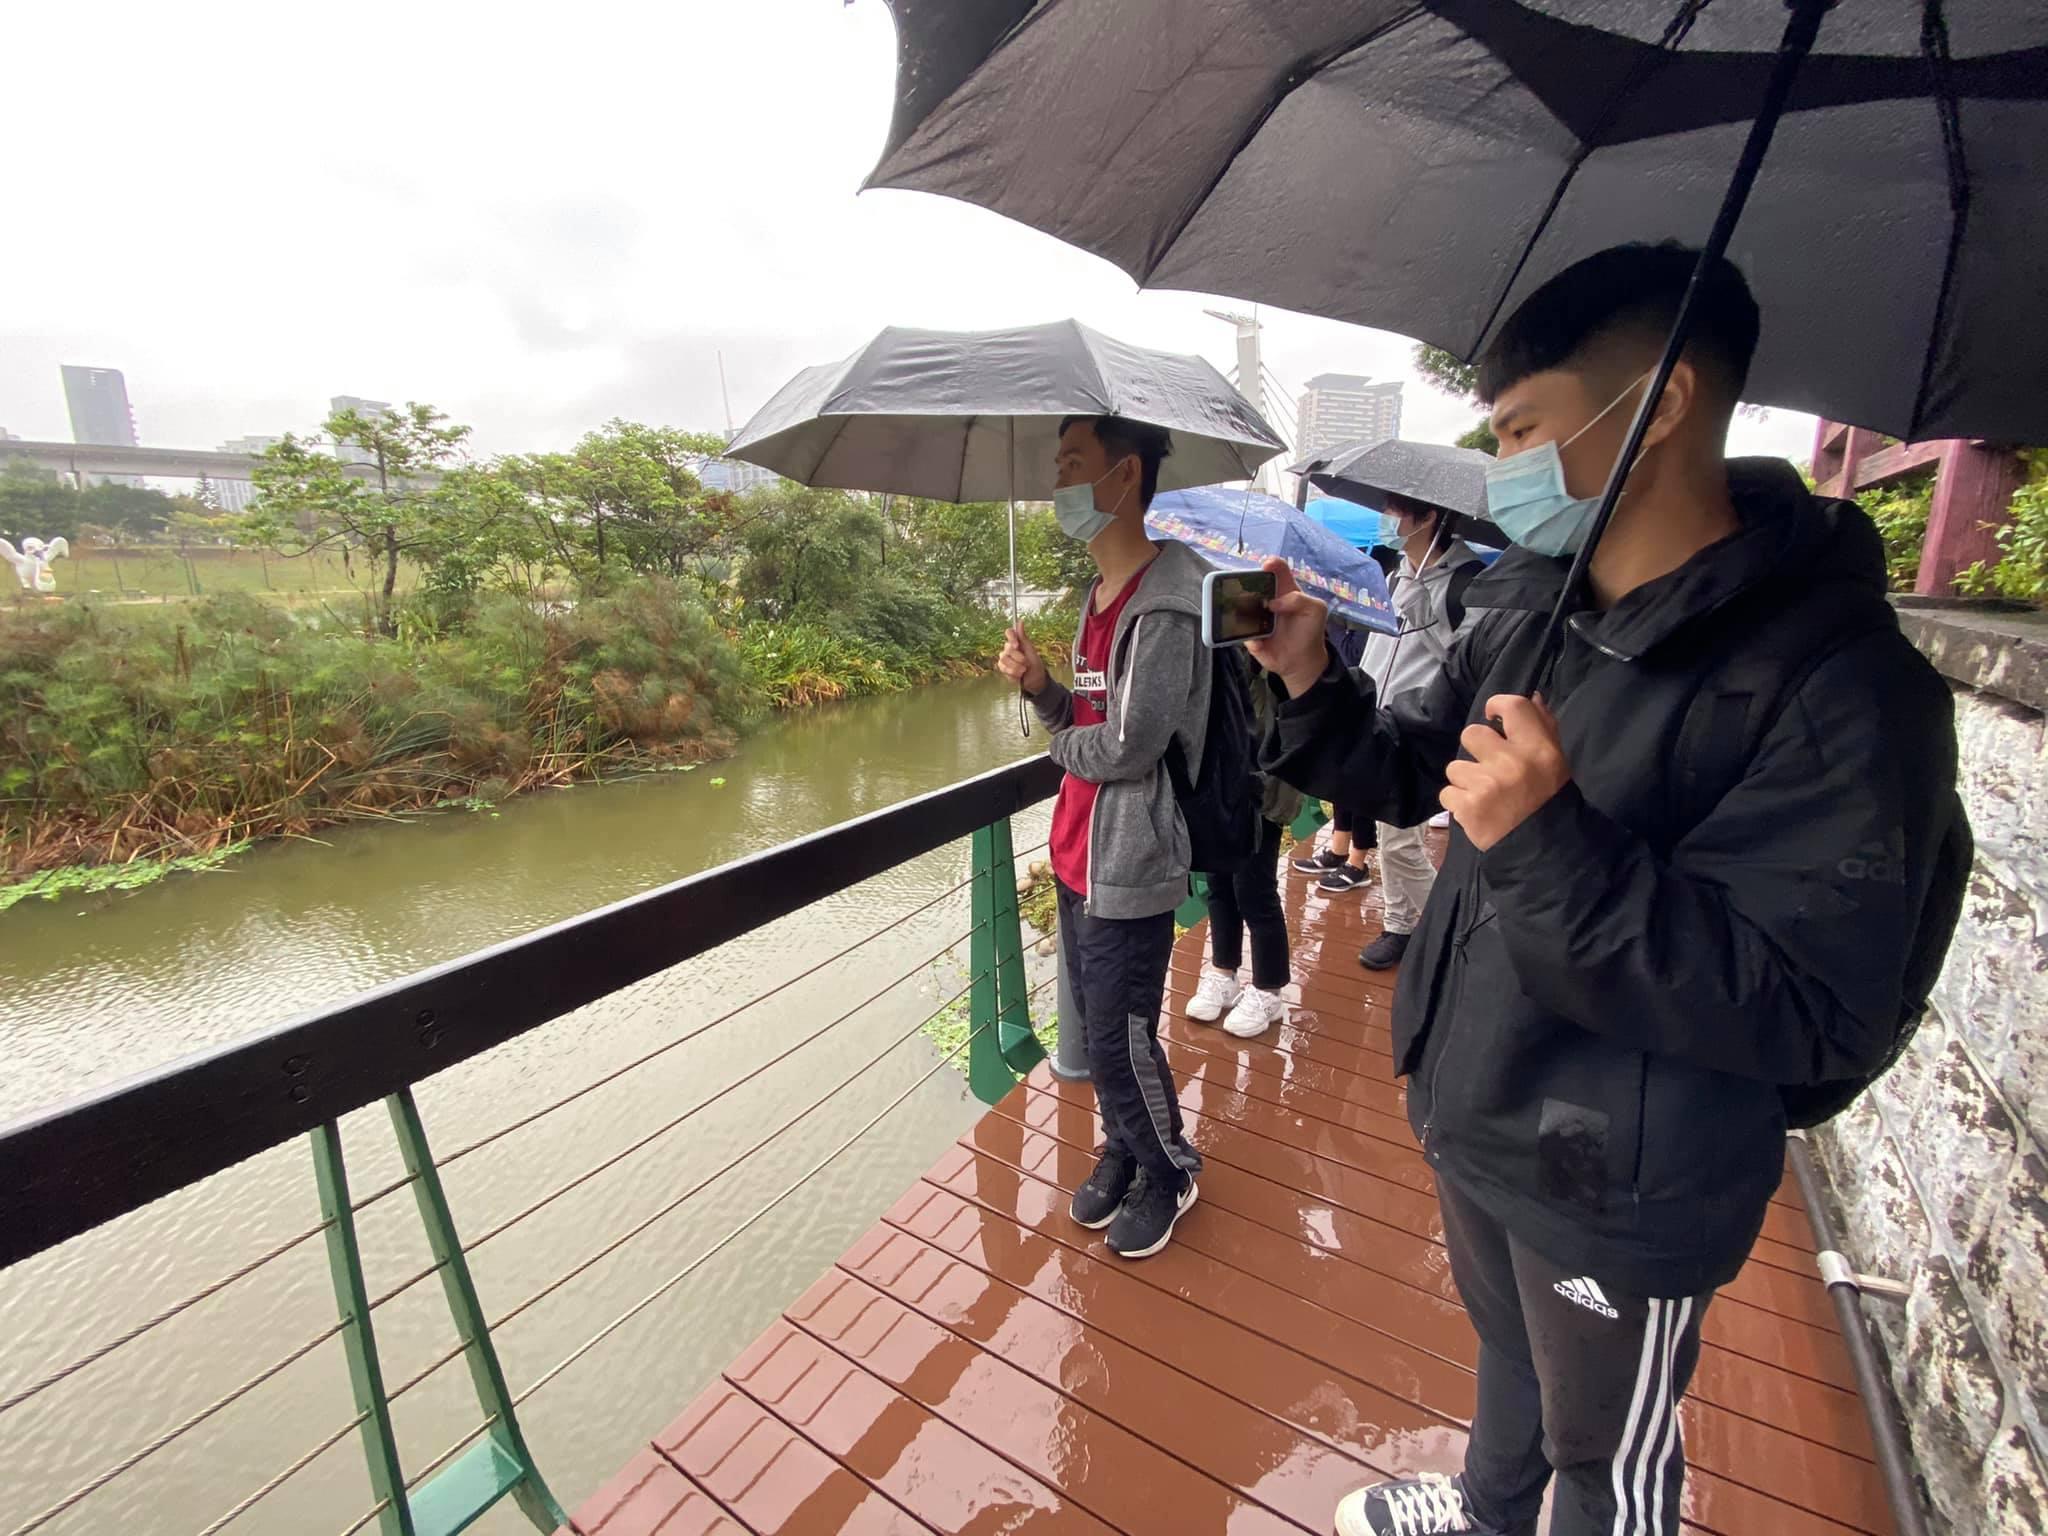 中原大學通識課程「生態工程與藝術的對話」,師生參訪青塘園。.jpg